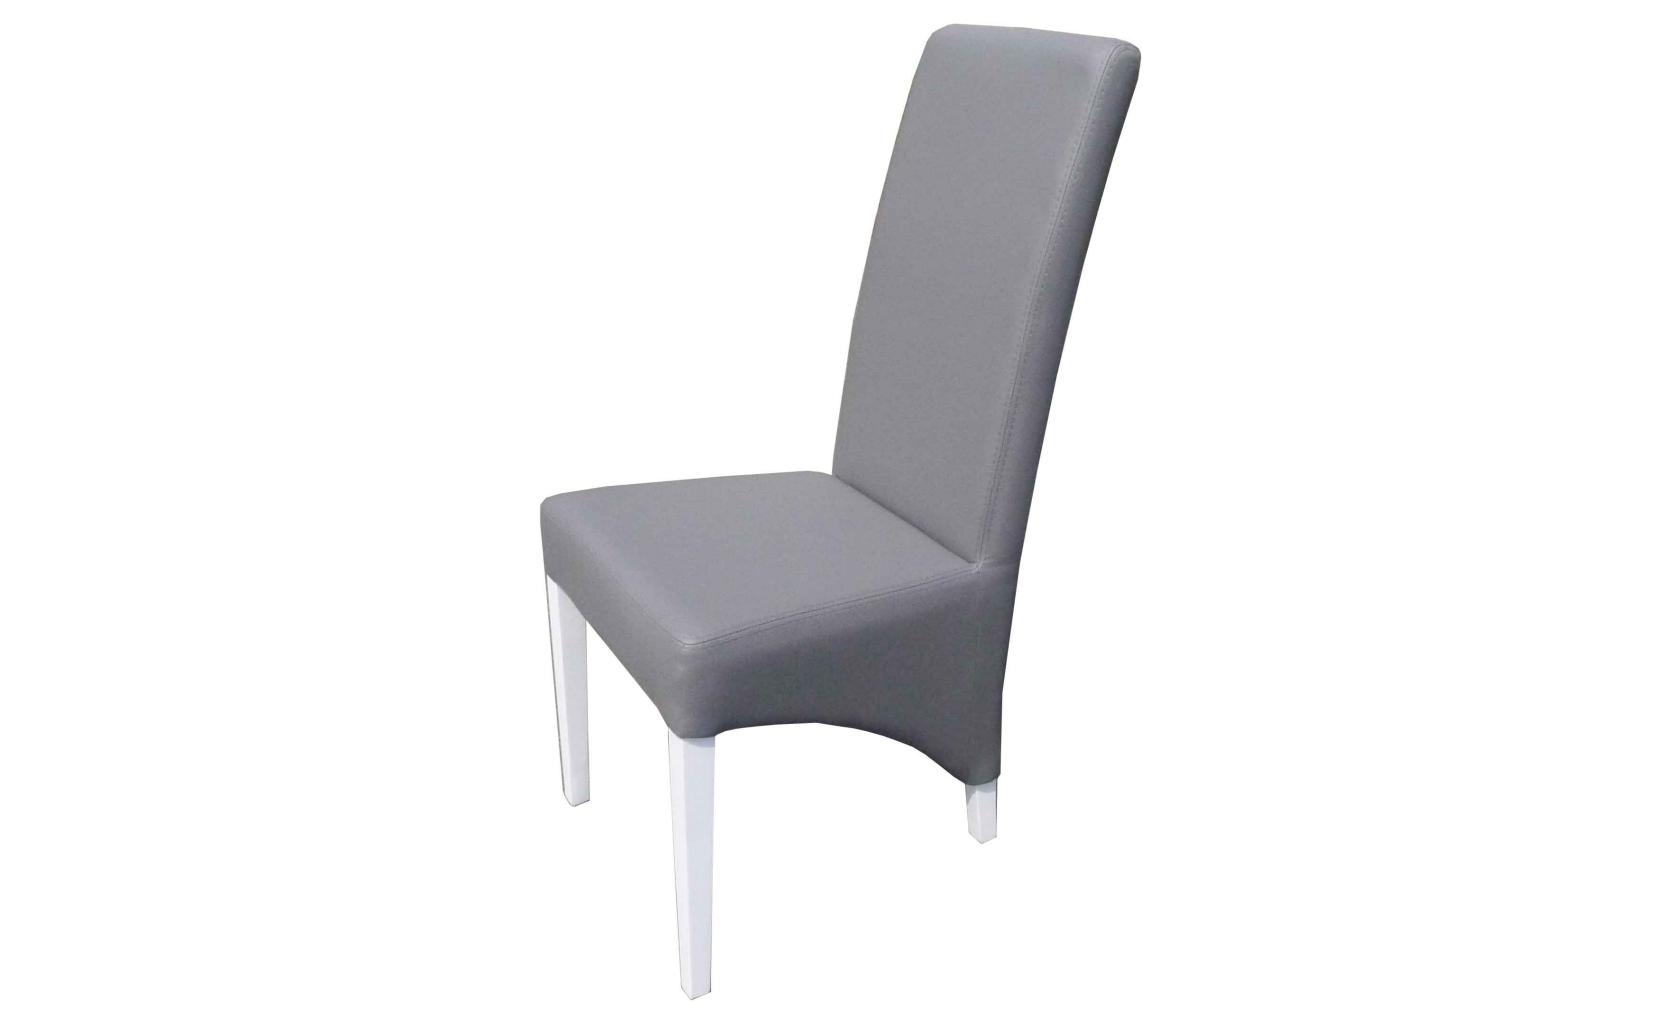 Chaise grise salle a manger le monde de l a - Salle a manger grise et blanche ...